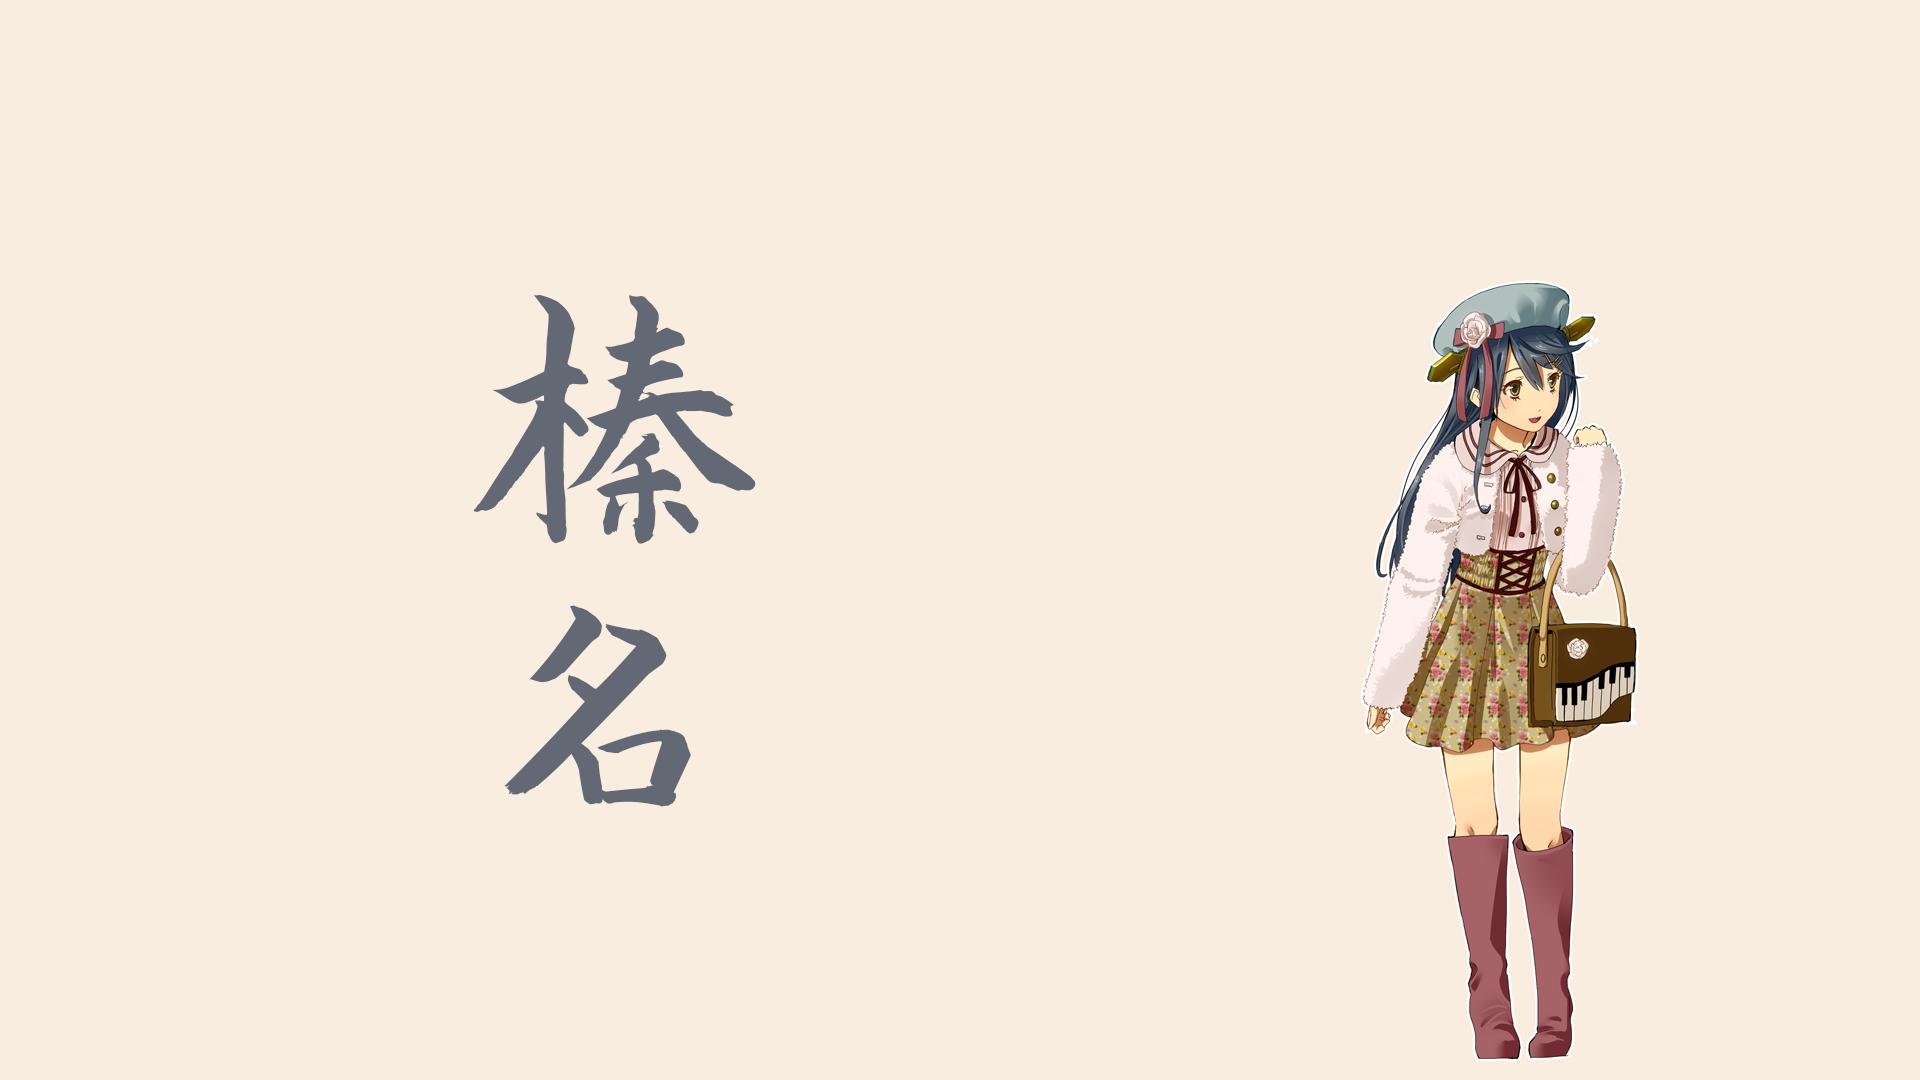 Обои аниме с надписями